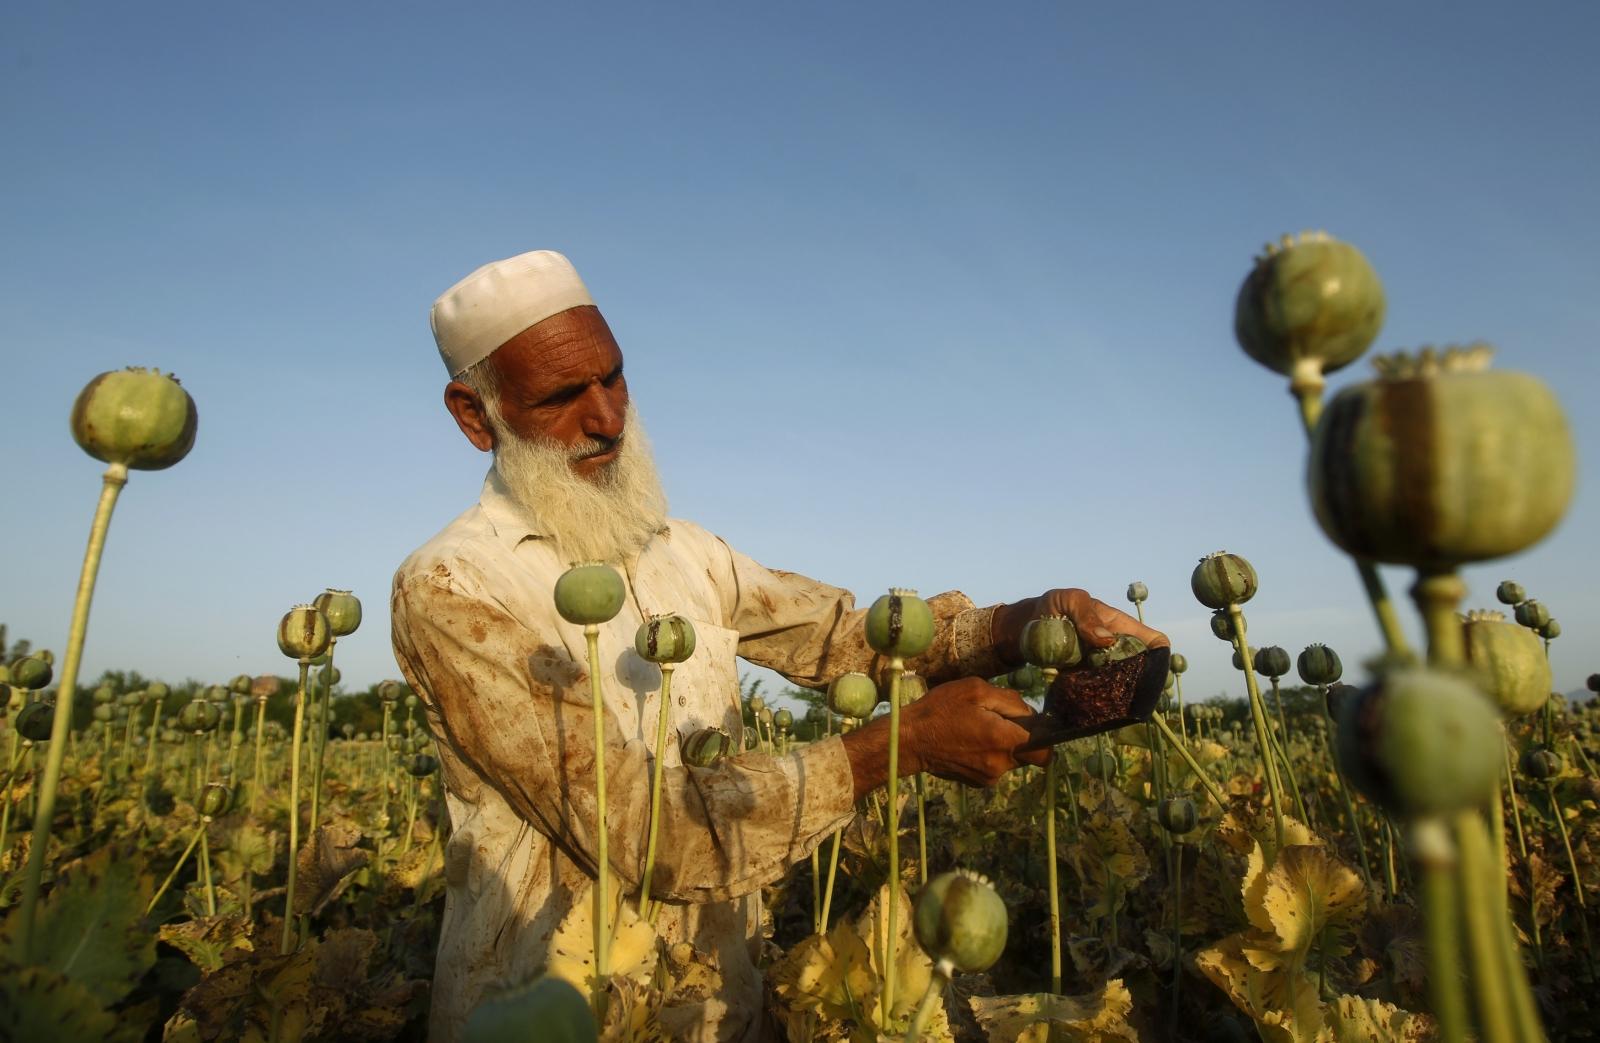 Afghanistan opium poppy field